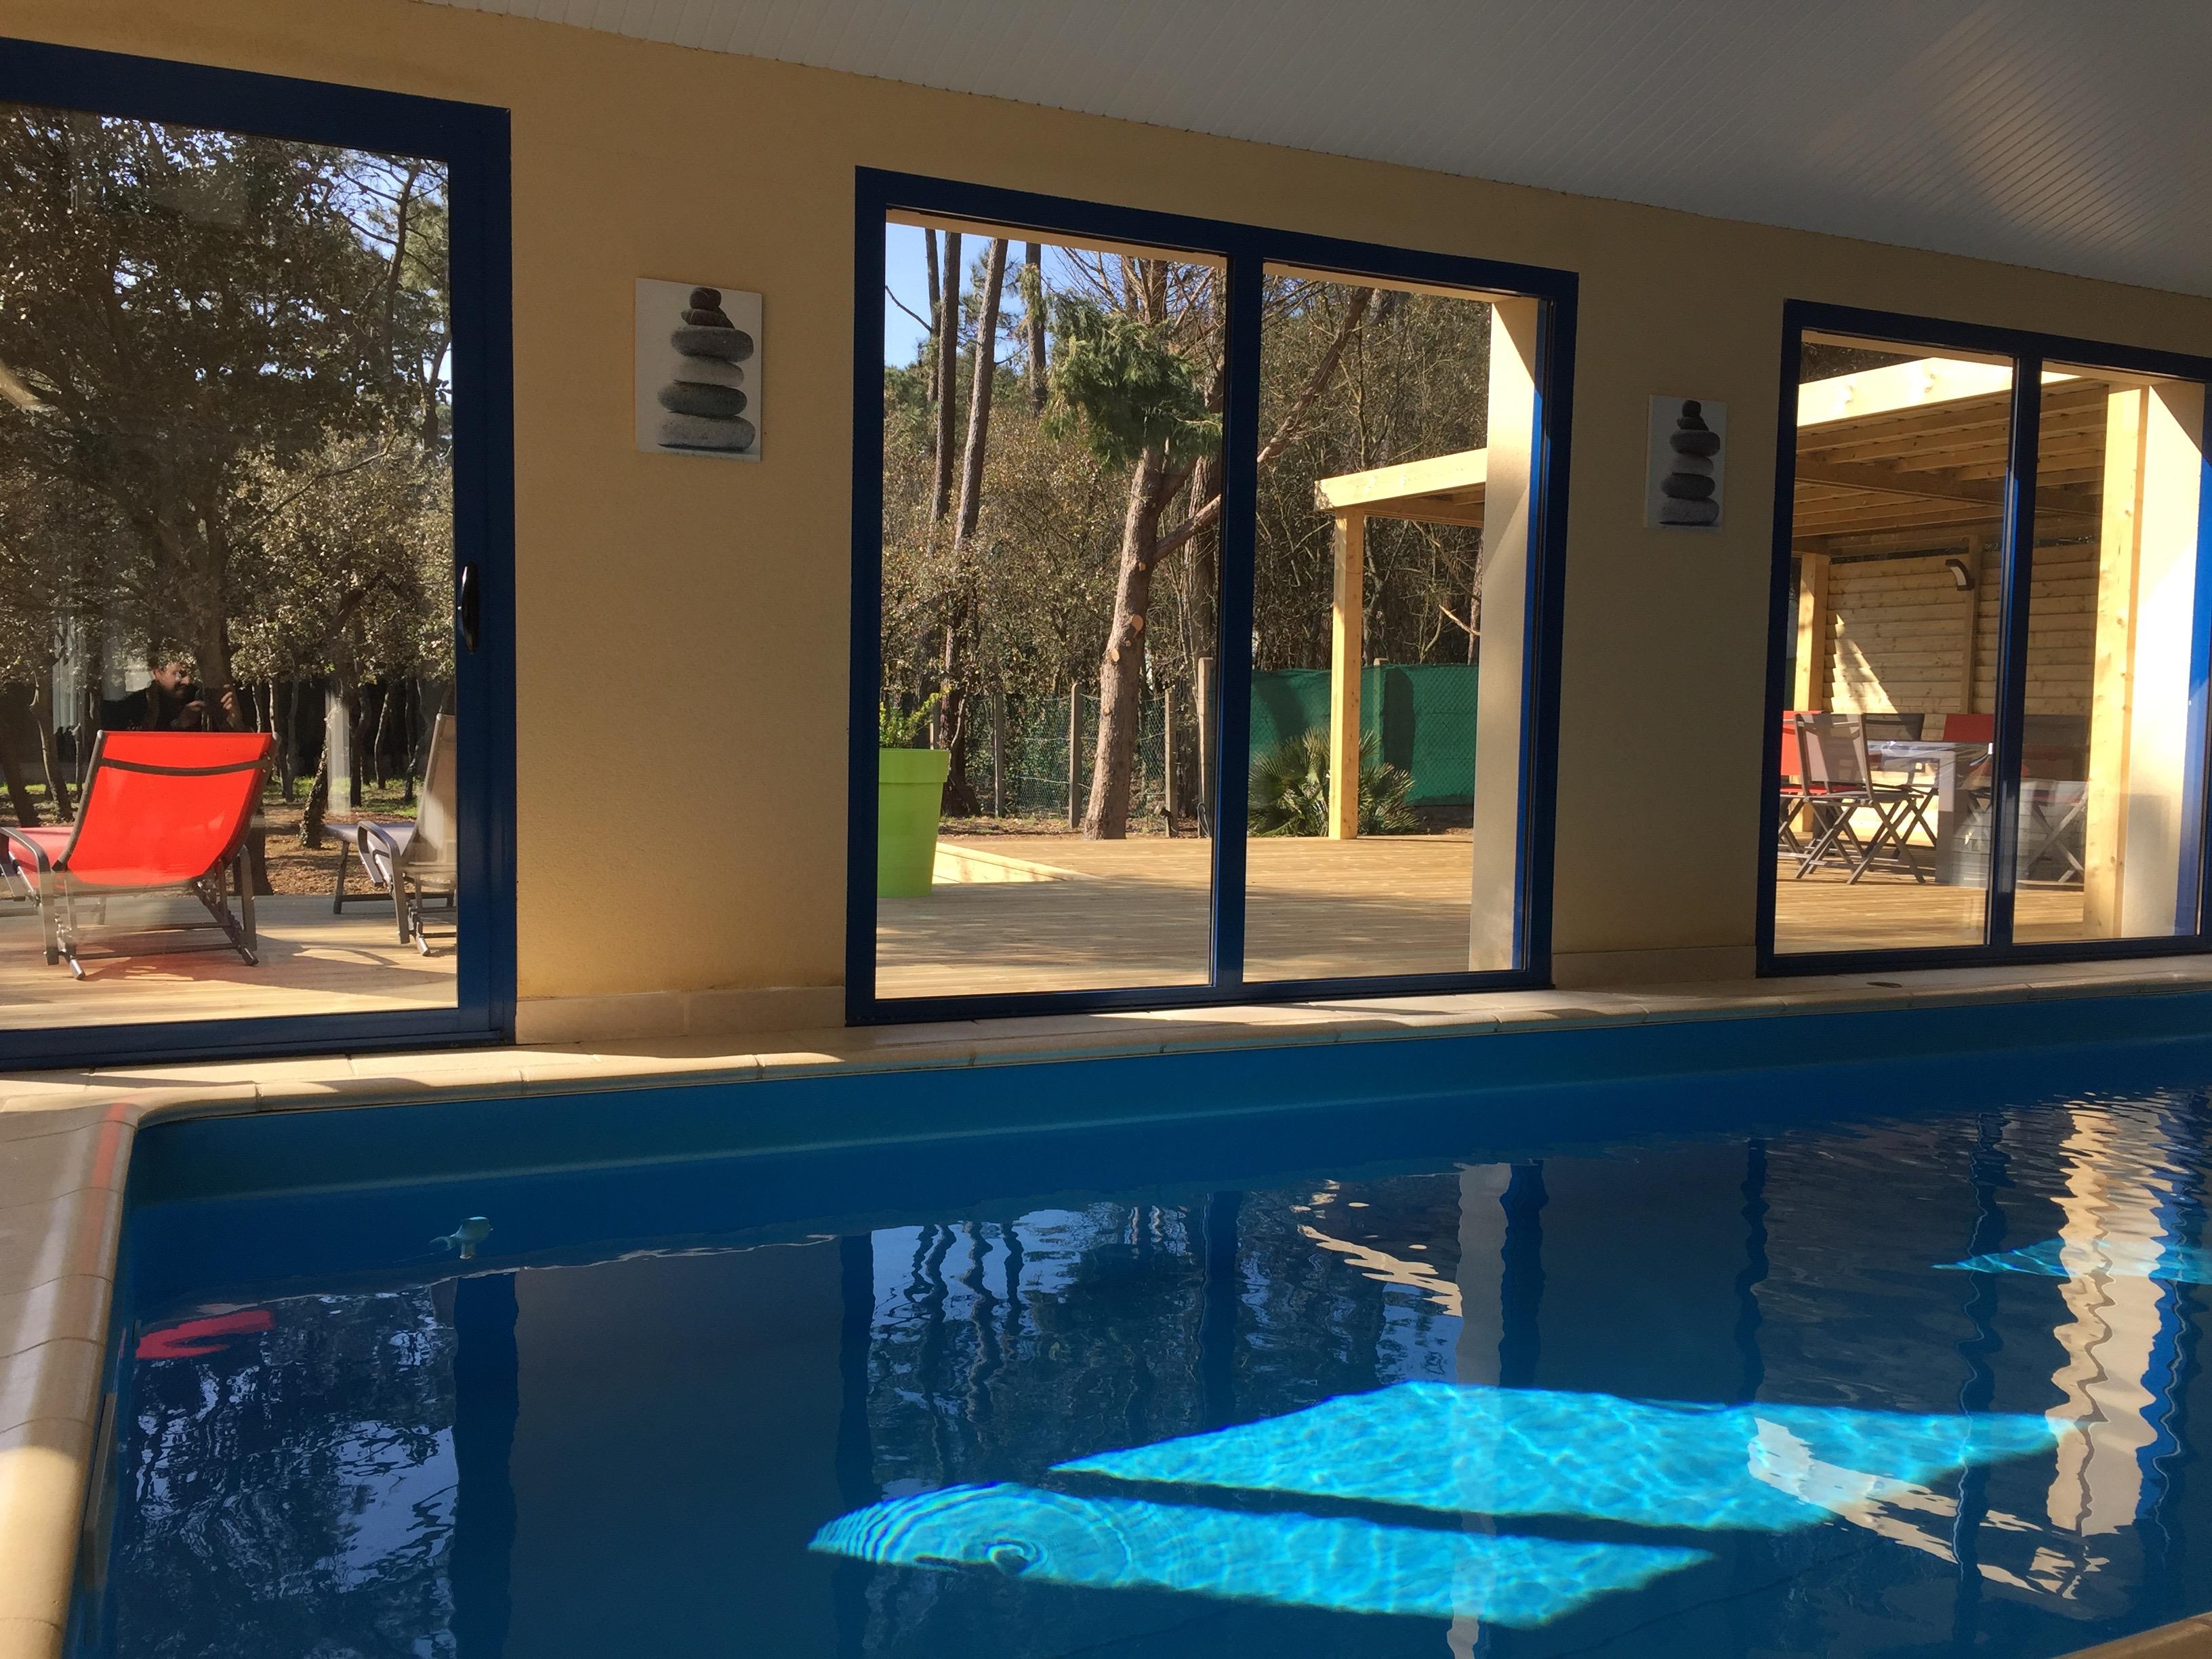 villa de luxe proche plage avec piscine intérieure chauffée